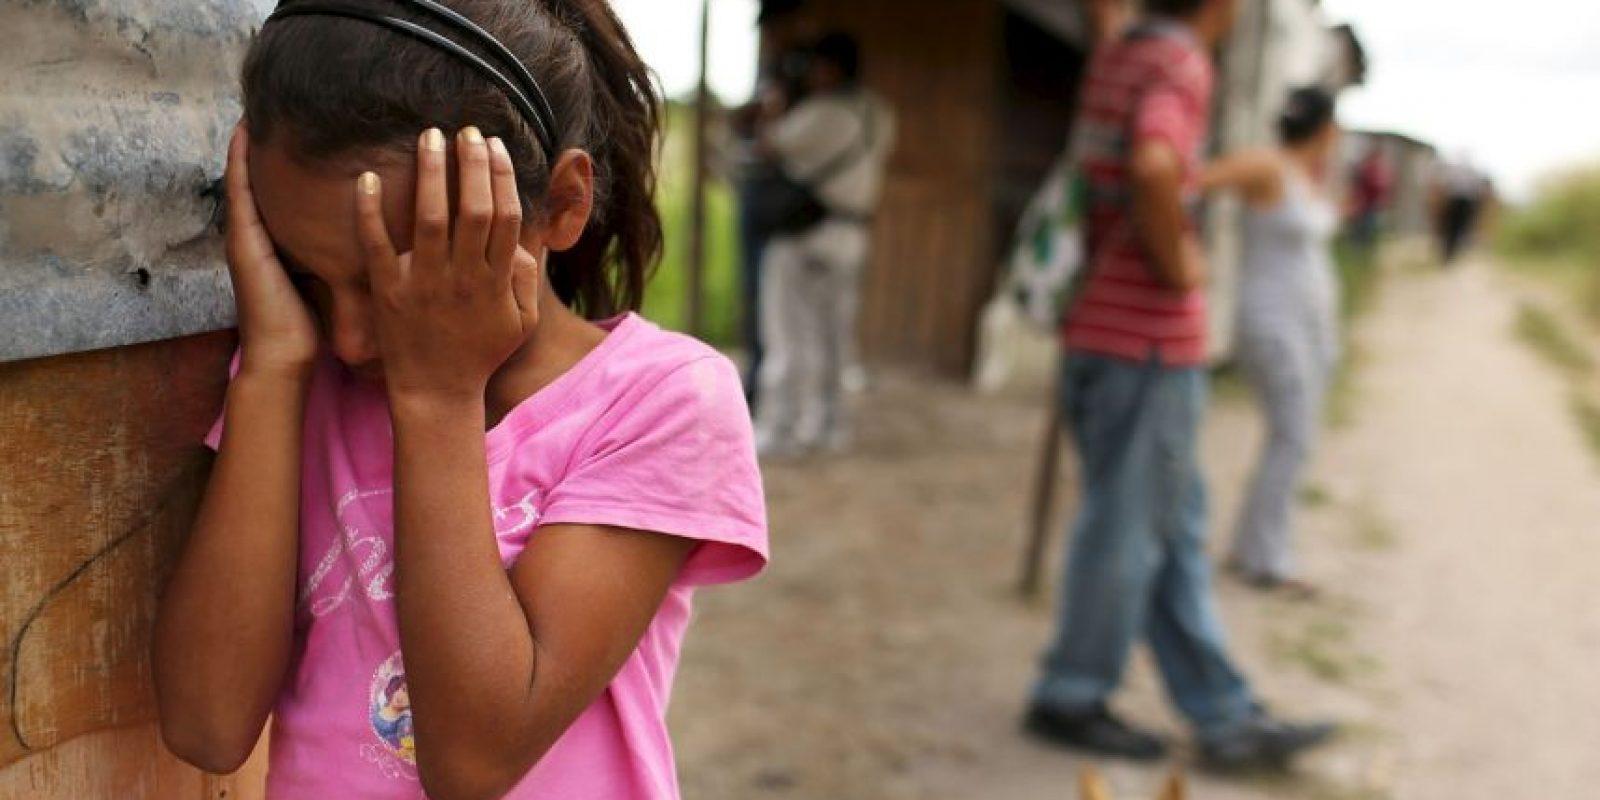 Autoridades señalaron que los vecinos observaron movimientos donde vivía la familia. Foto:Getty Images